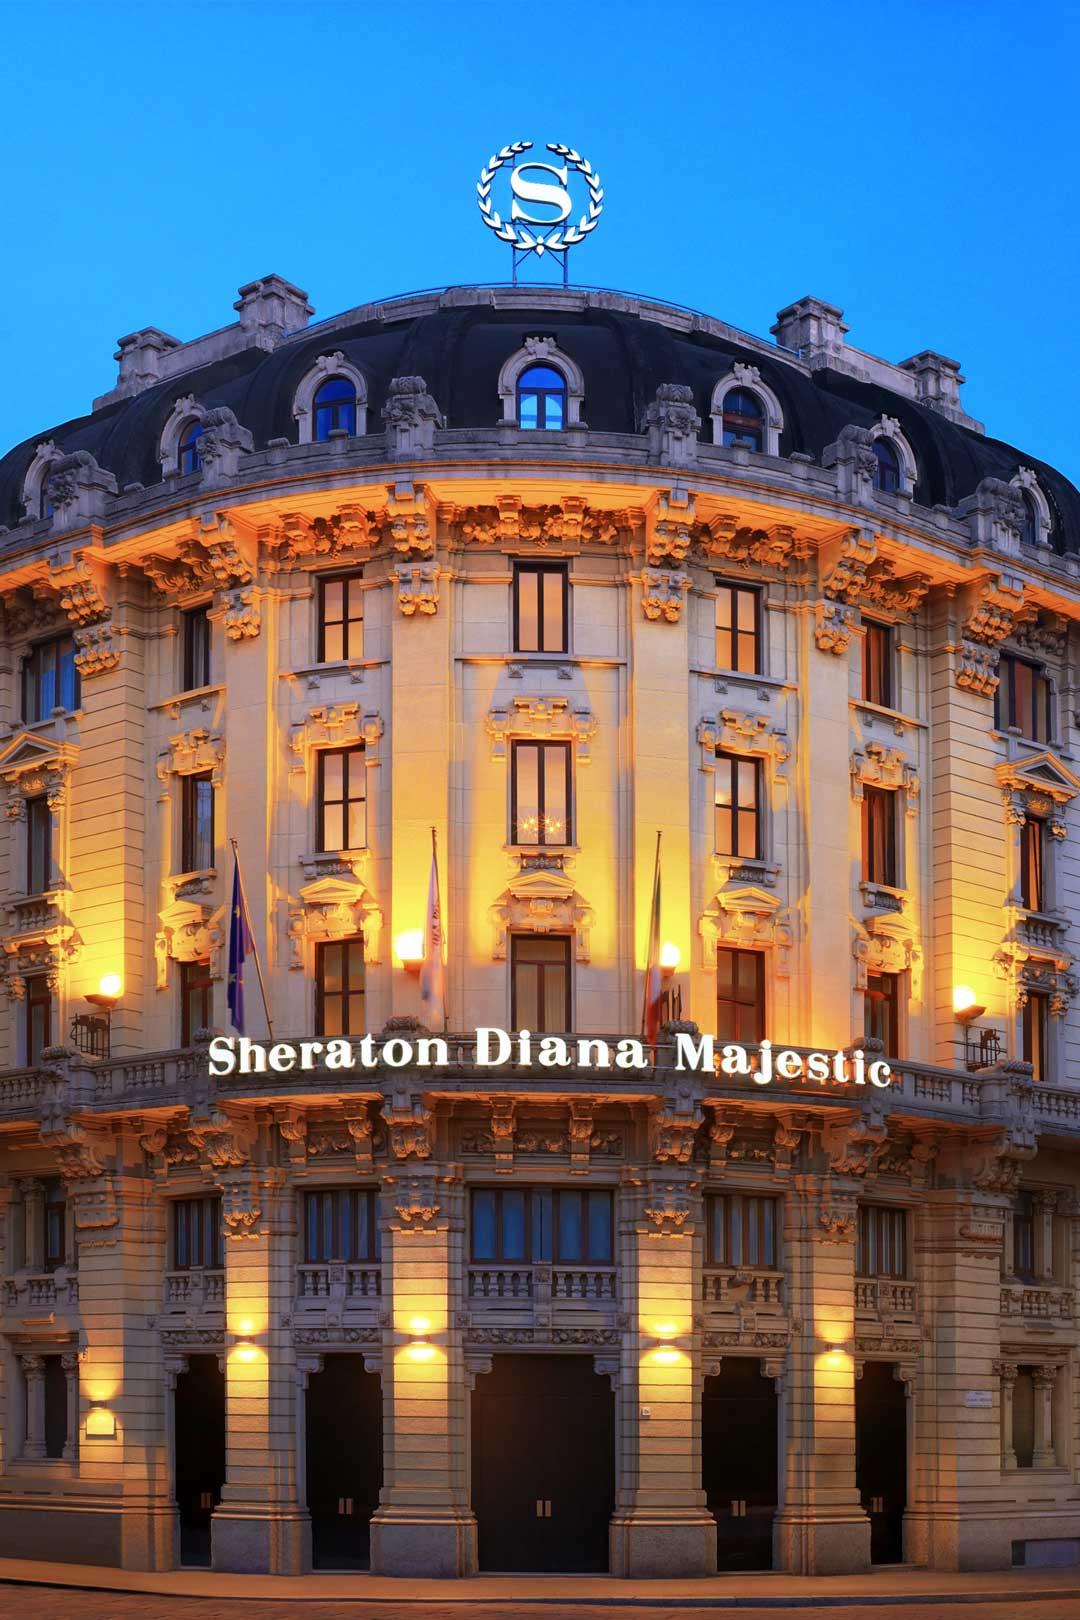 Sheraton Diana Majestic | Esterno